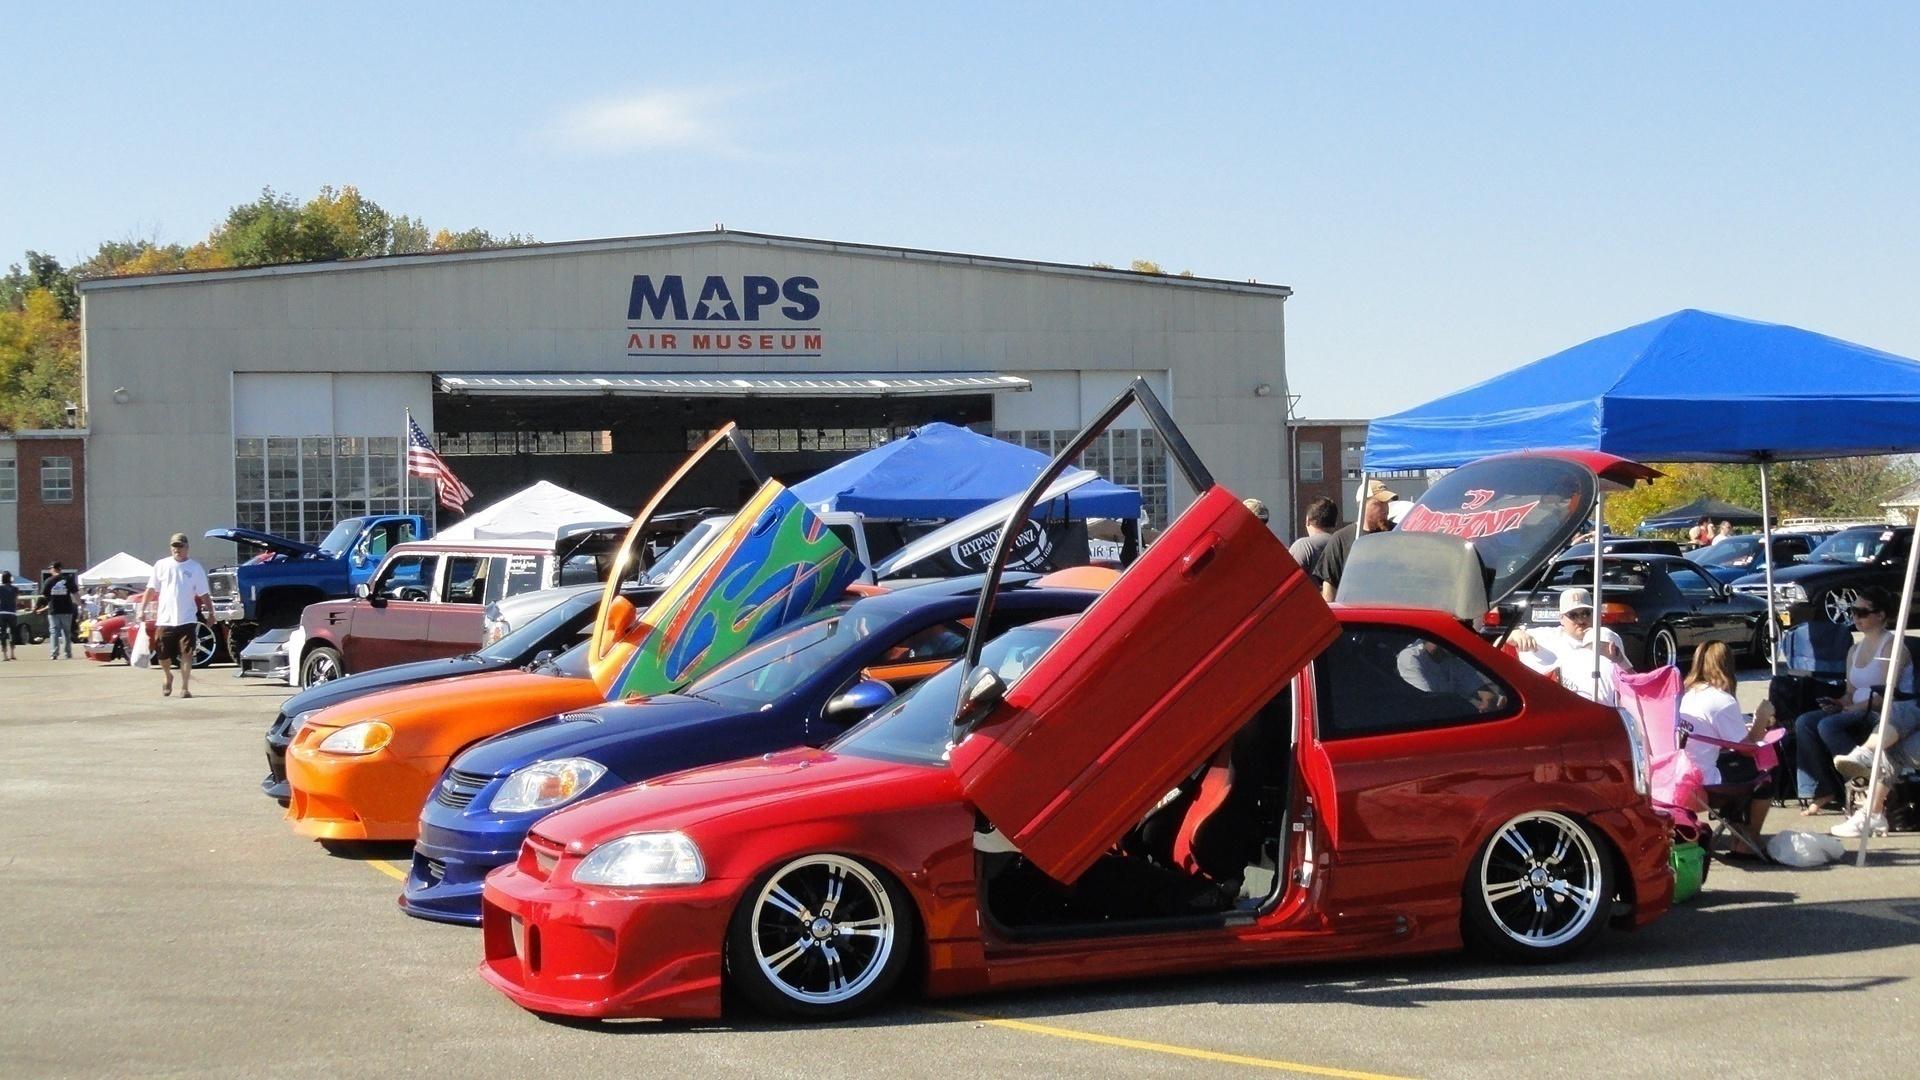 GO For Tomorrow Th Annual Car Show MAPS Air Museum - Car show tomorrow